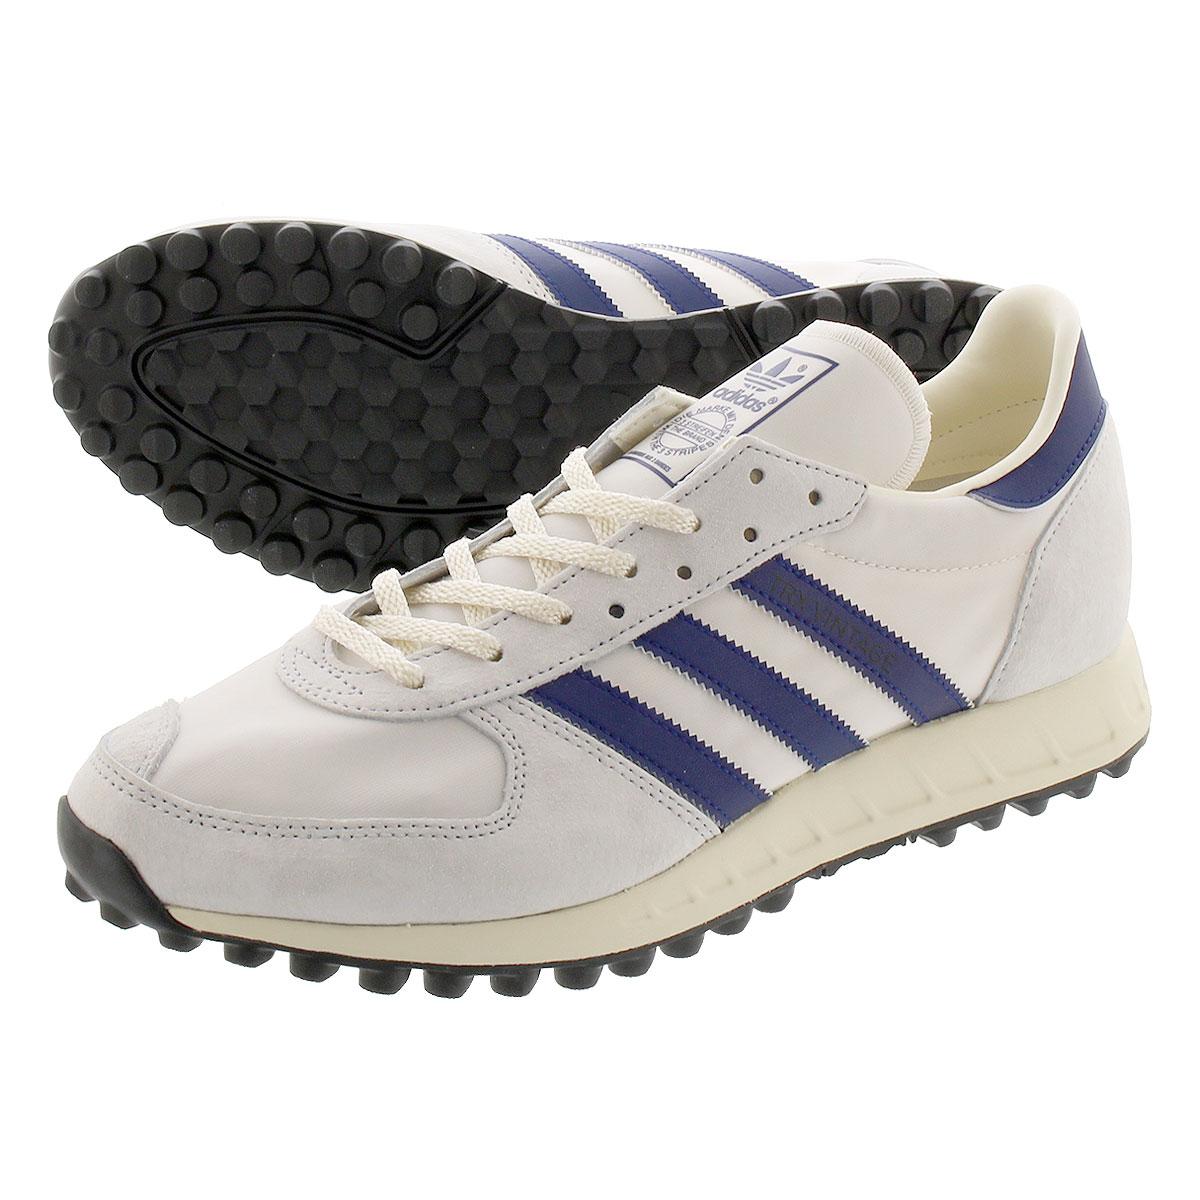 メンズ靴, スニーカー adidas TRX VINTAGE TRX CHALK WHITECORE BLACKCLEAR GREY fy3650